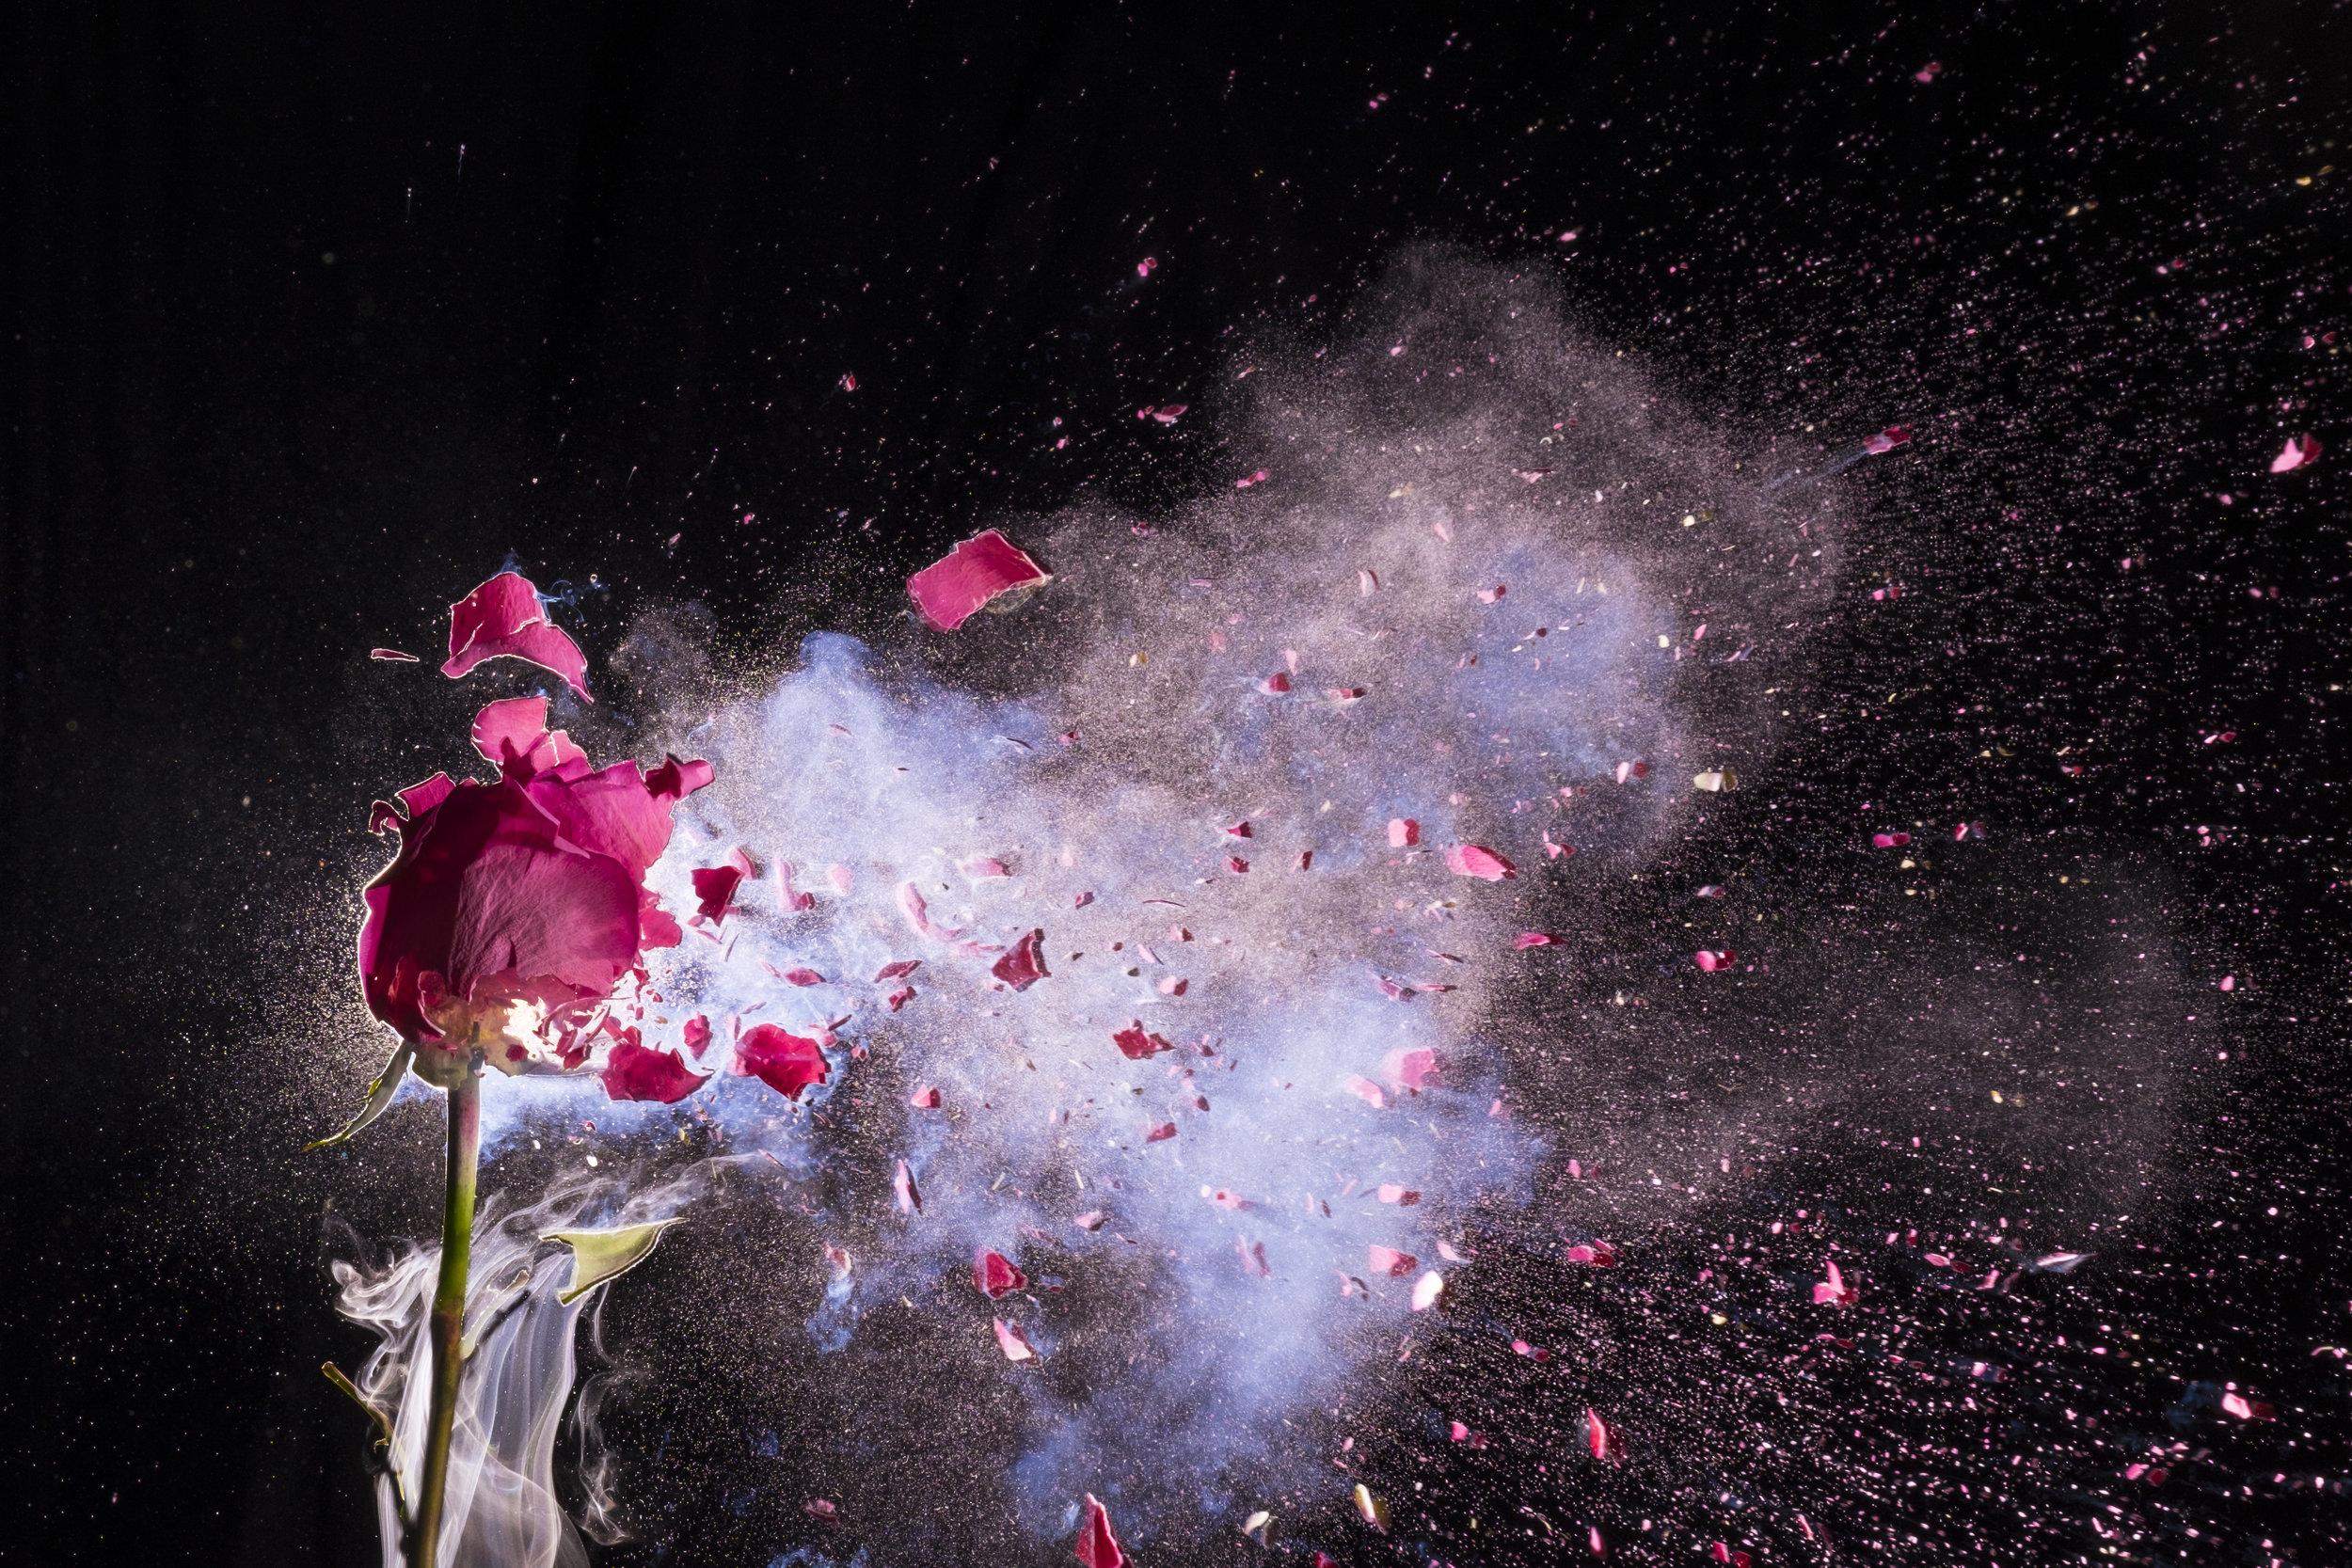 single pinkplode.jpg